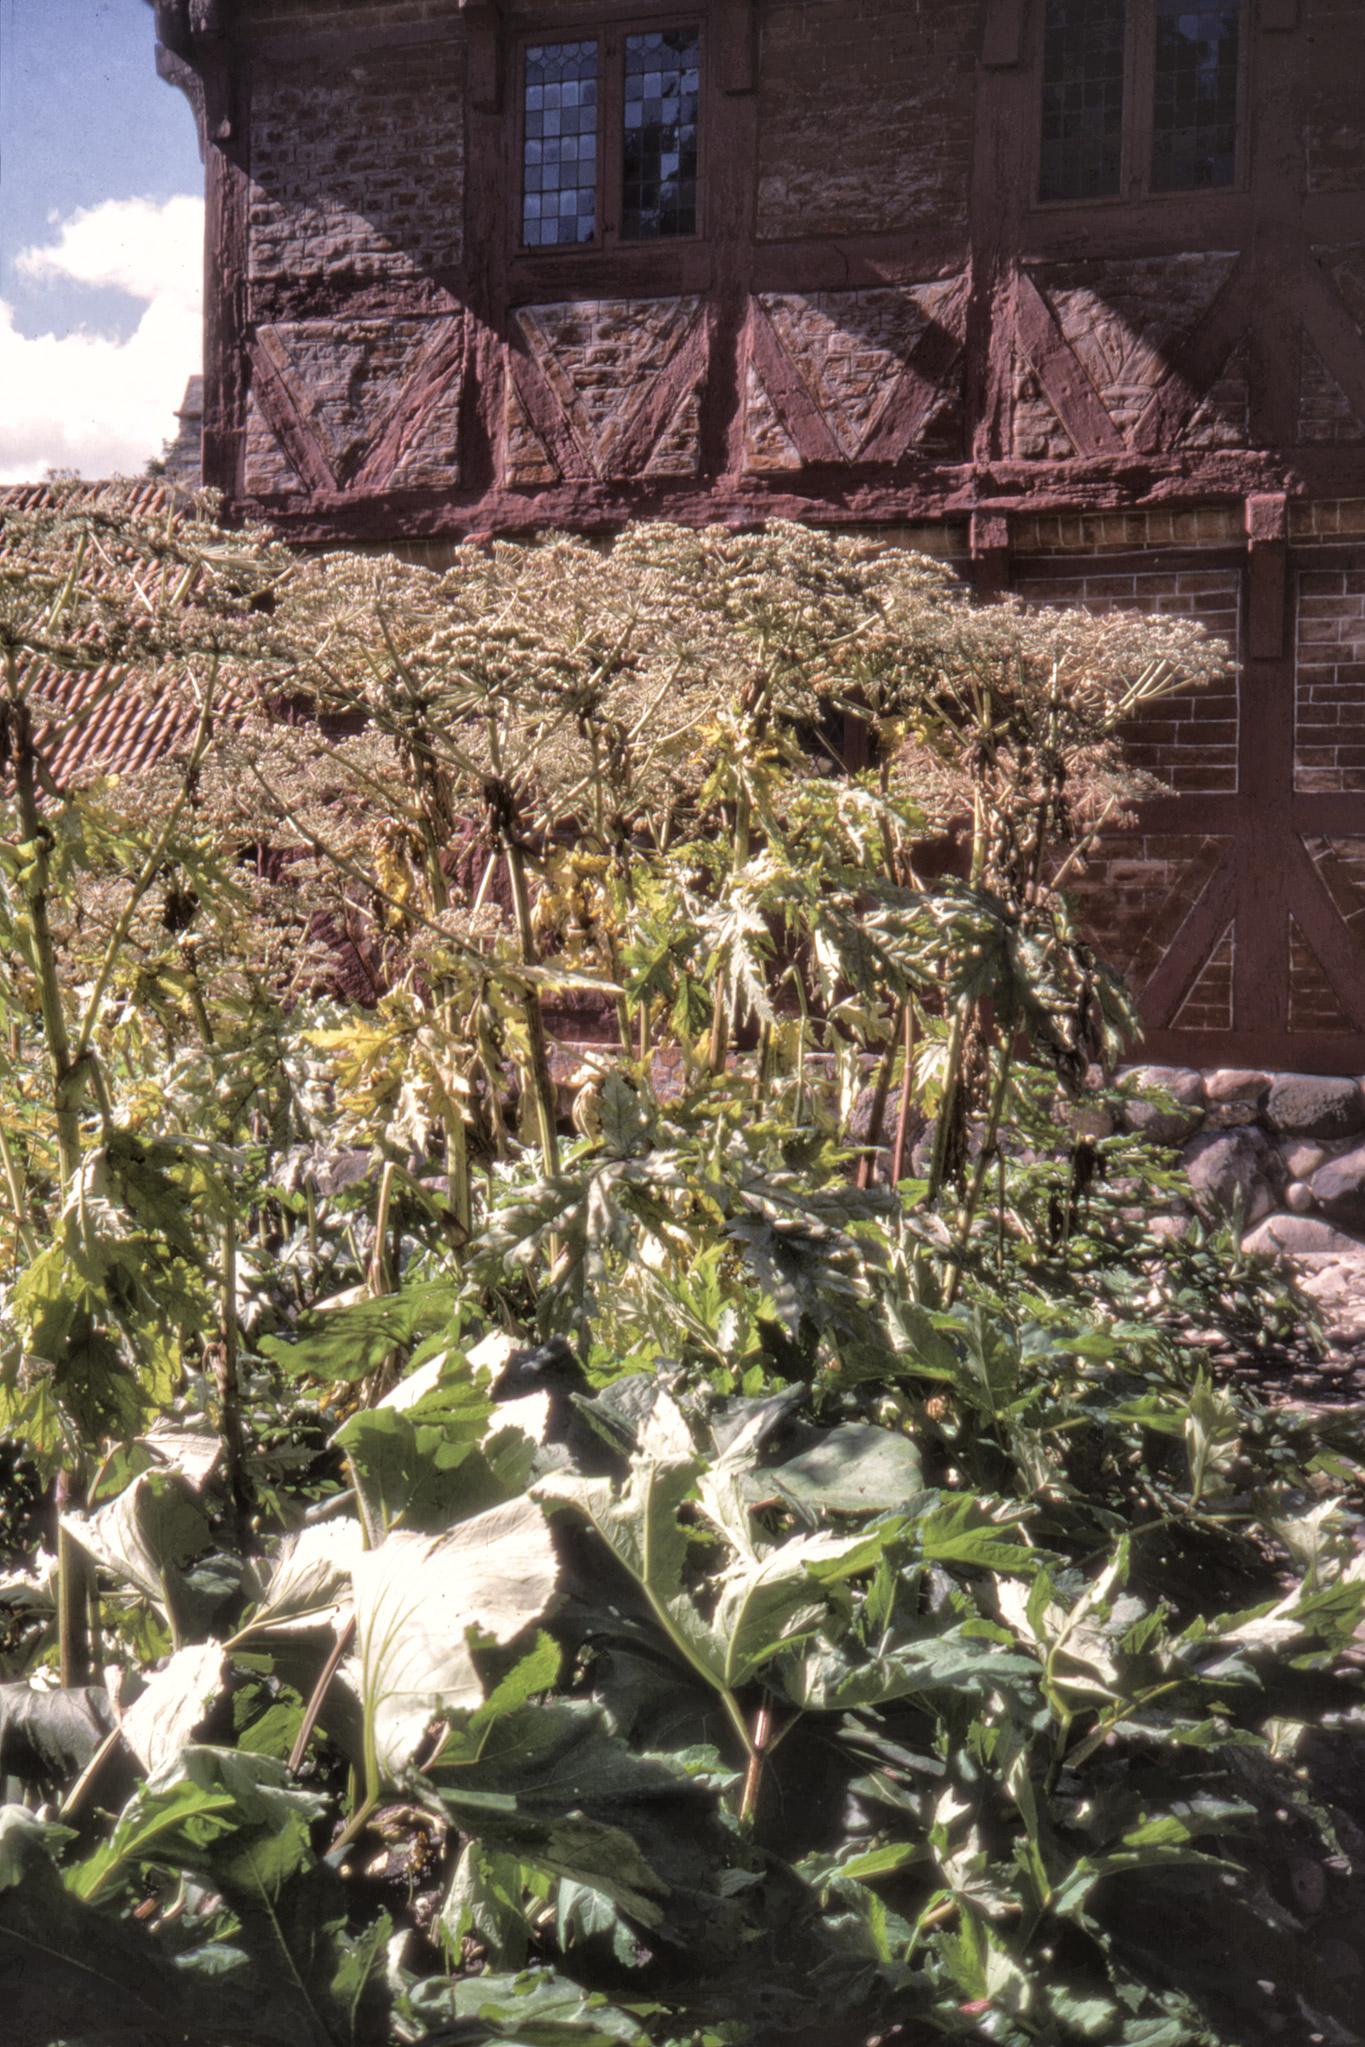 Blomställningar i den Gamle By.